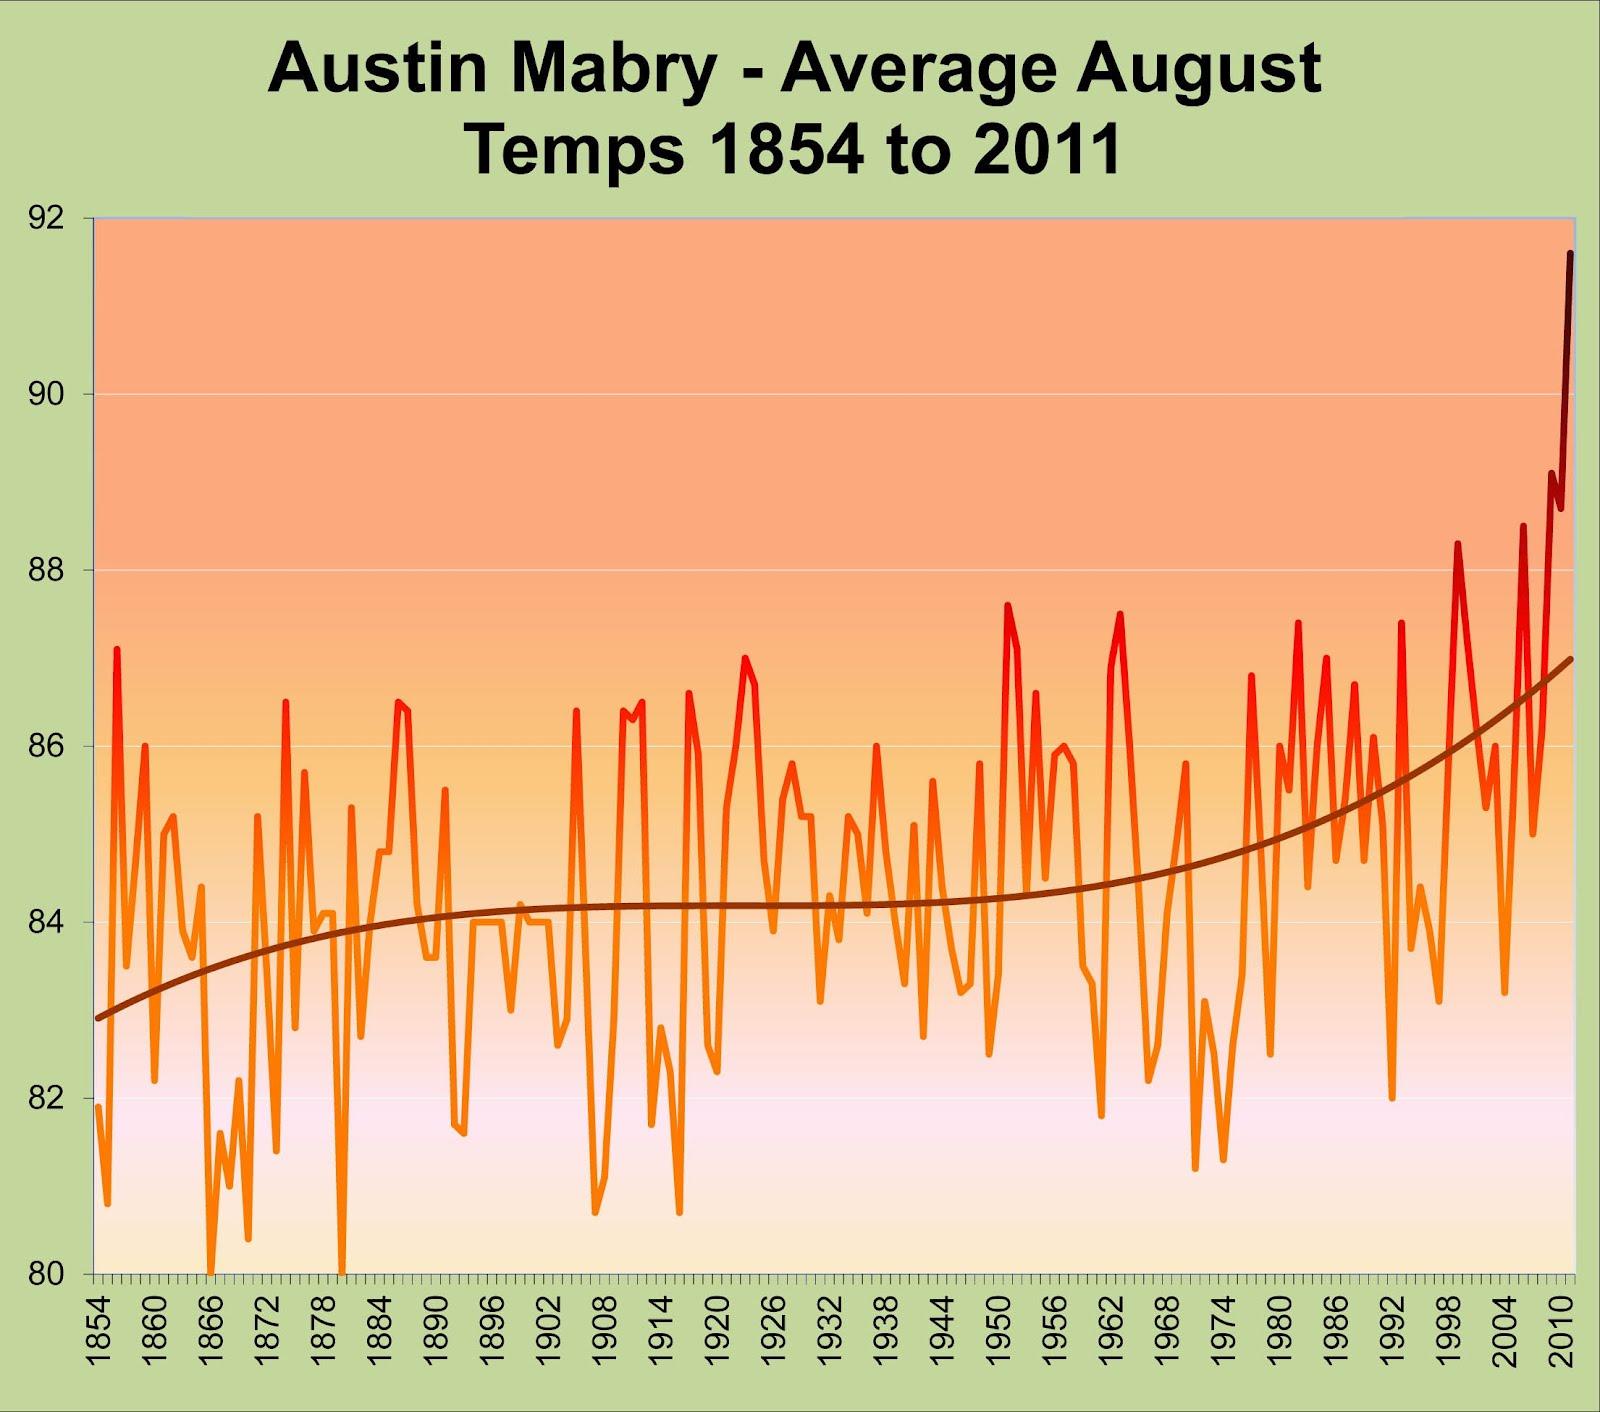 Durch UHI-Effekte verfälschter Tenperaturverlauf in Austin, Texas